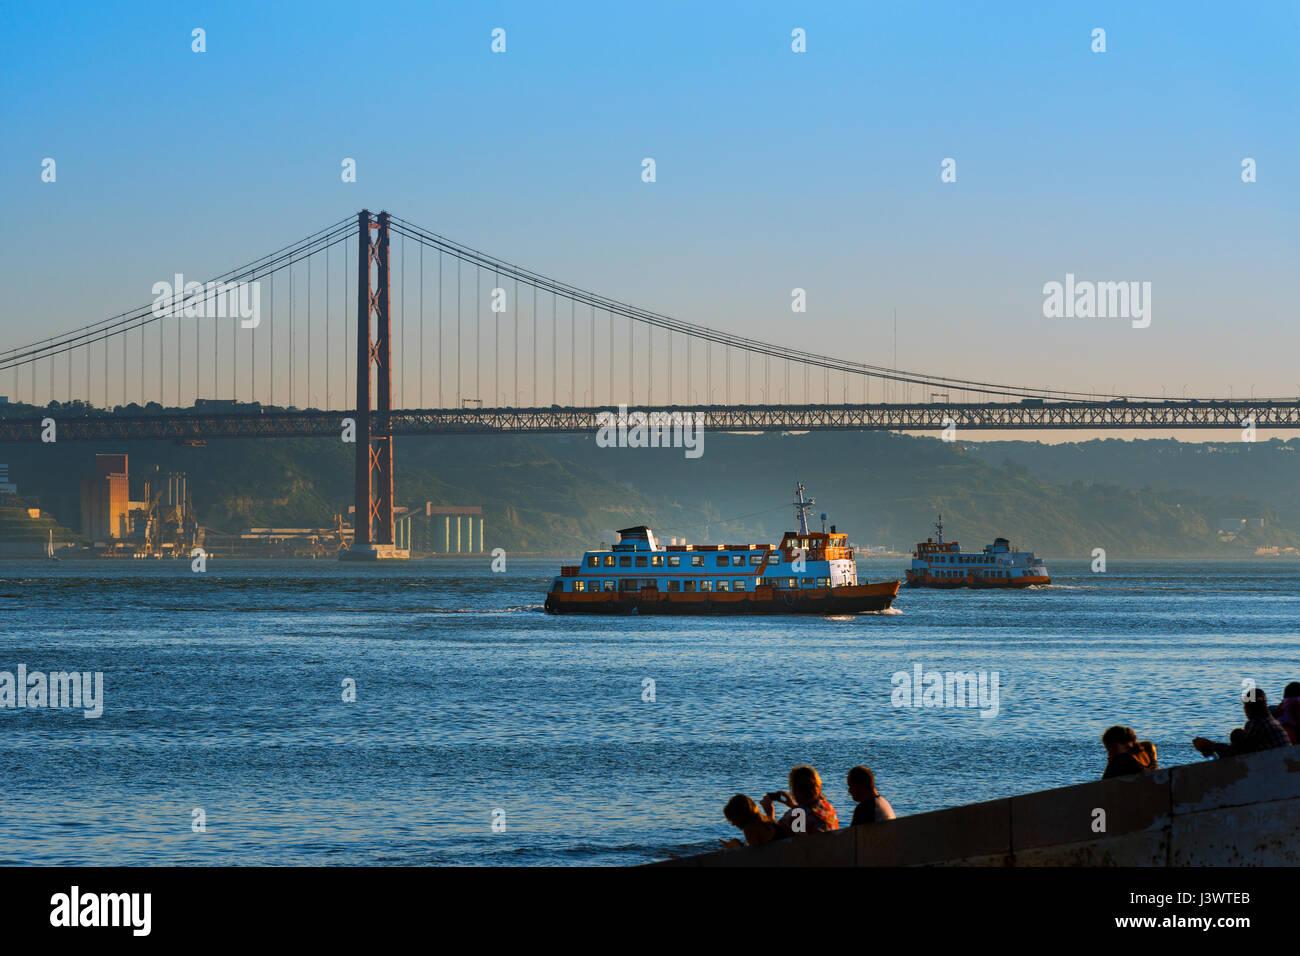 Lissabon Fluss zwei passagierschiffe cacilheiros überquert den fluss tejo in